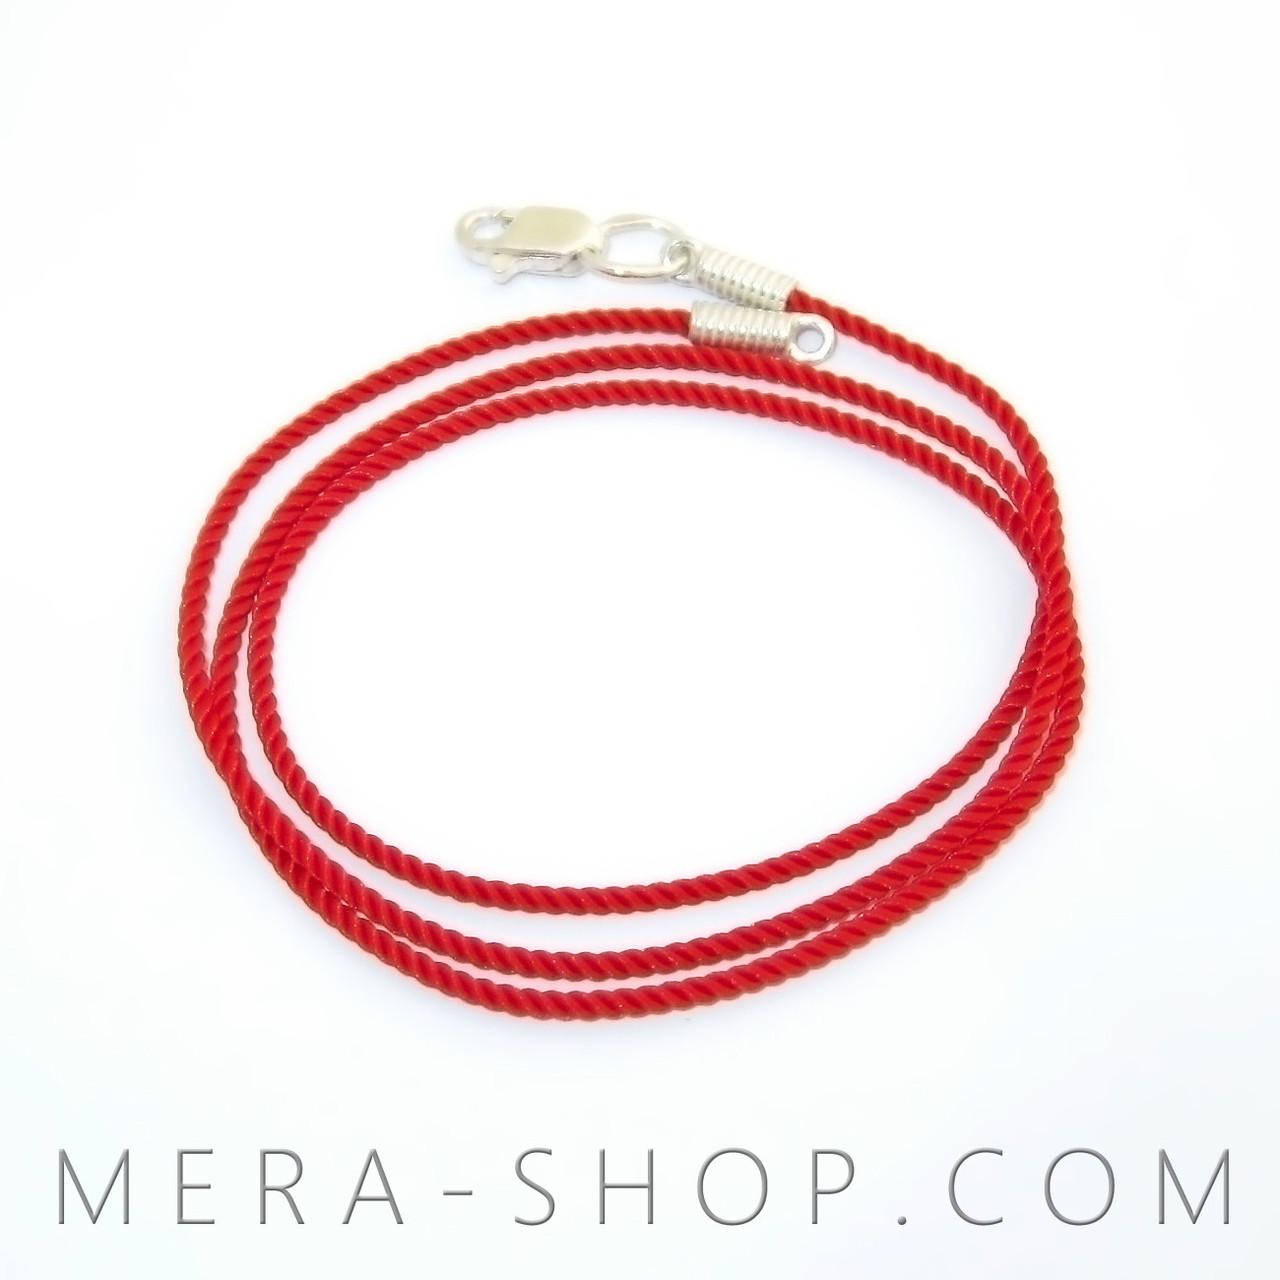 Шёлковый шнурок с серебряным замком (⌀3 мм, красный, любая длина, серебро 925 пробы)